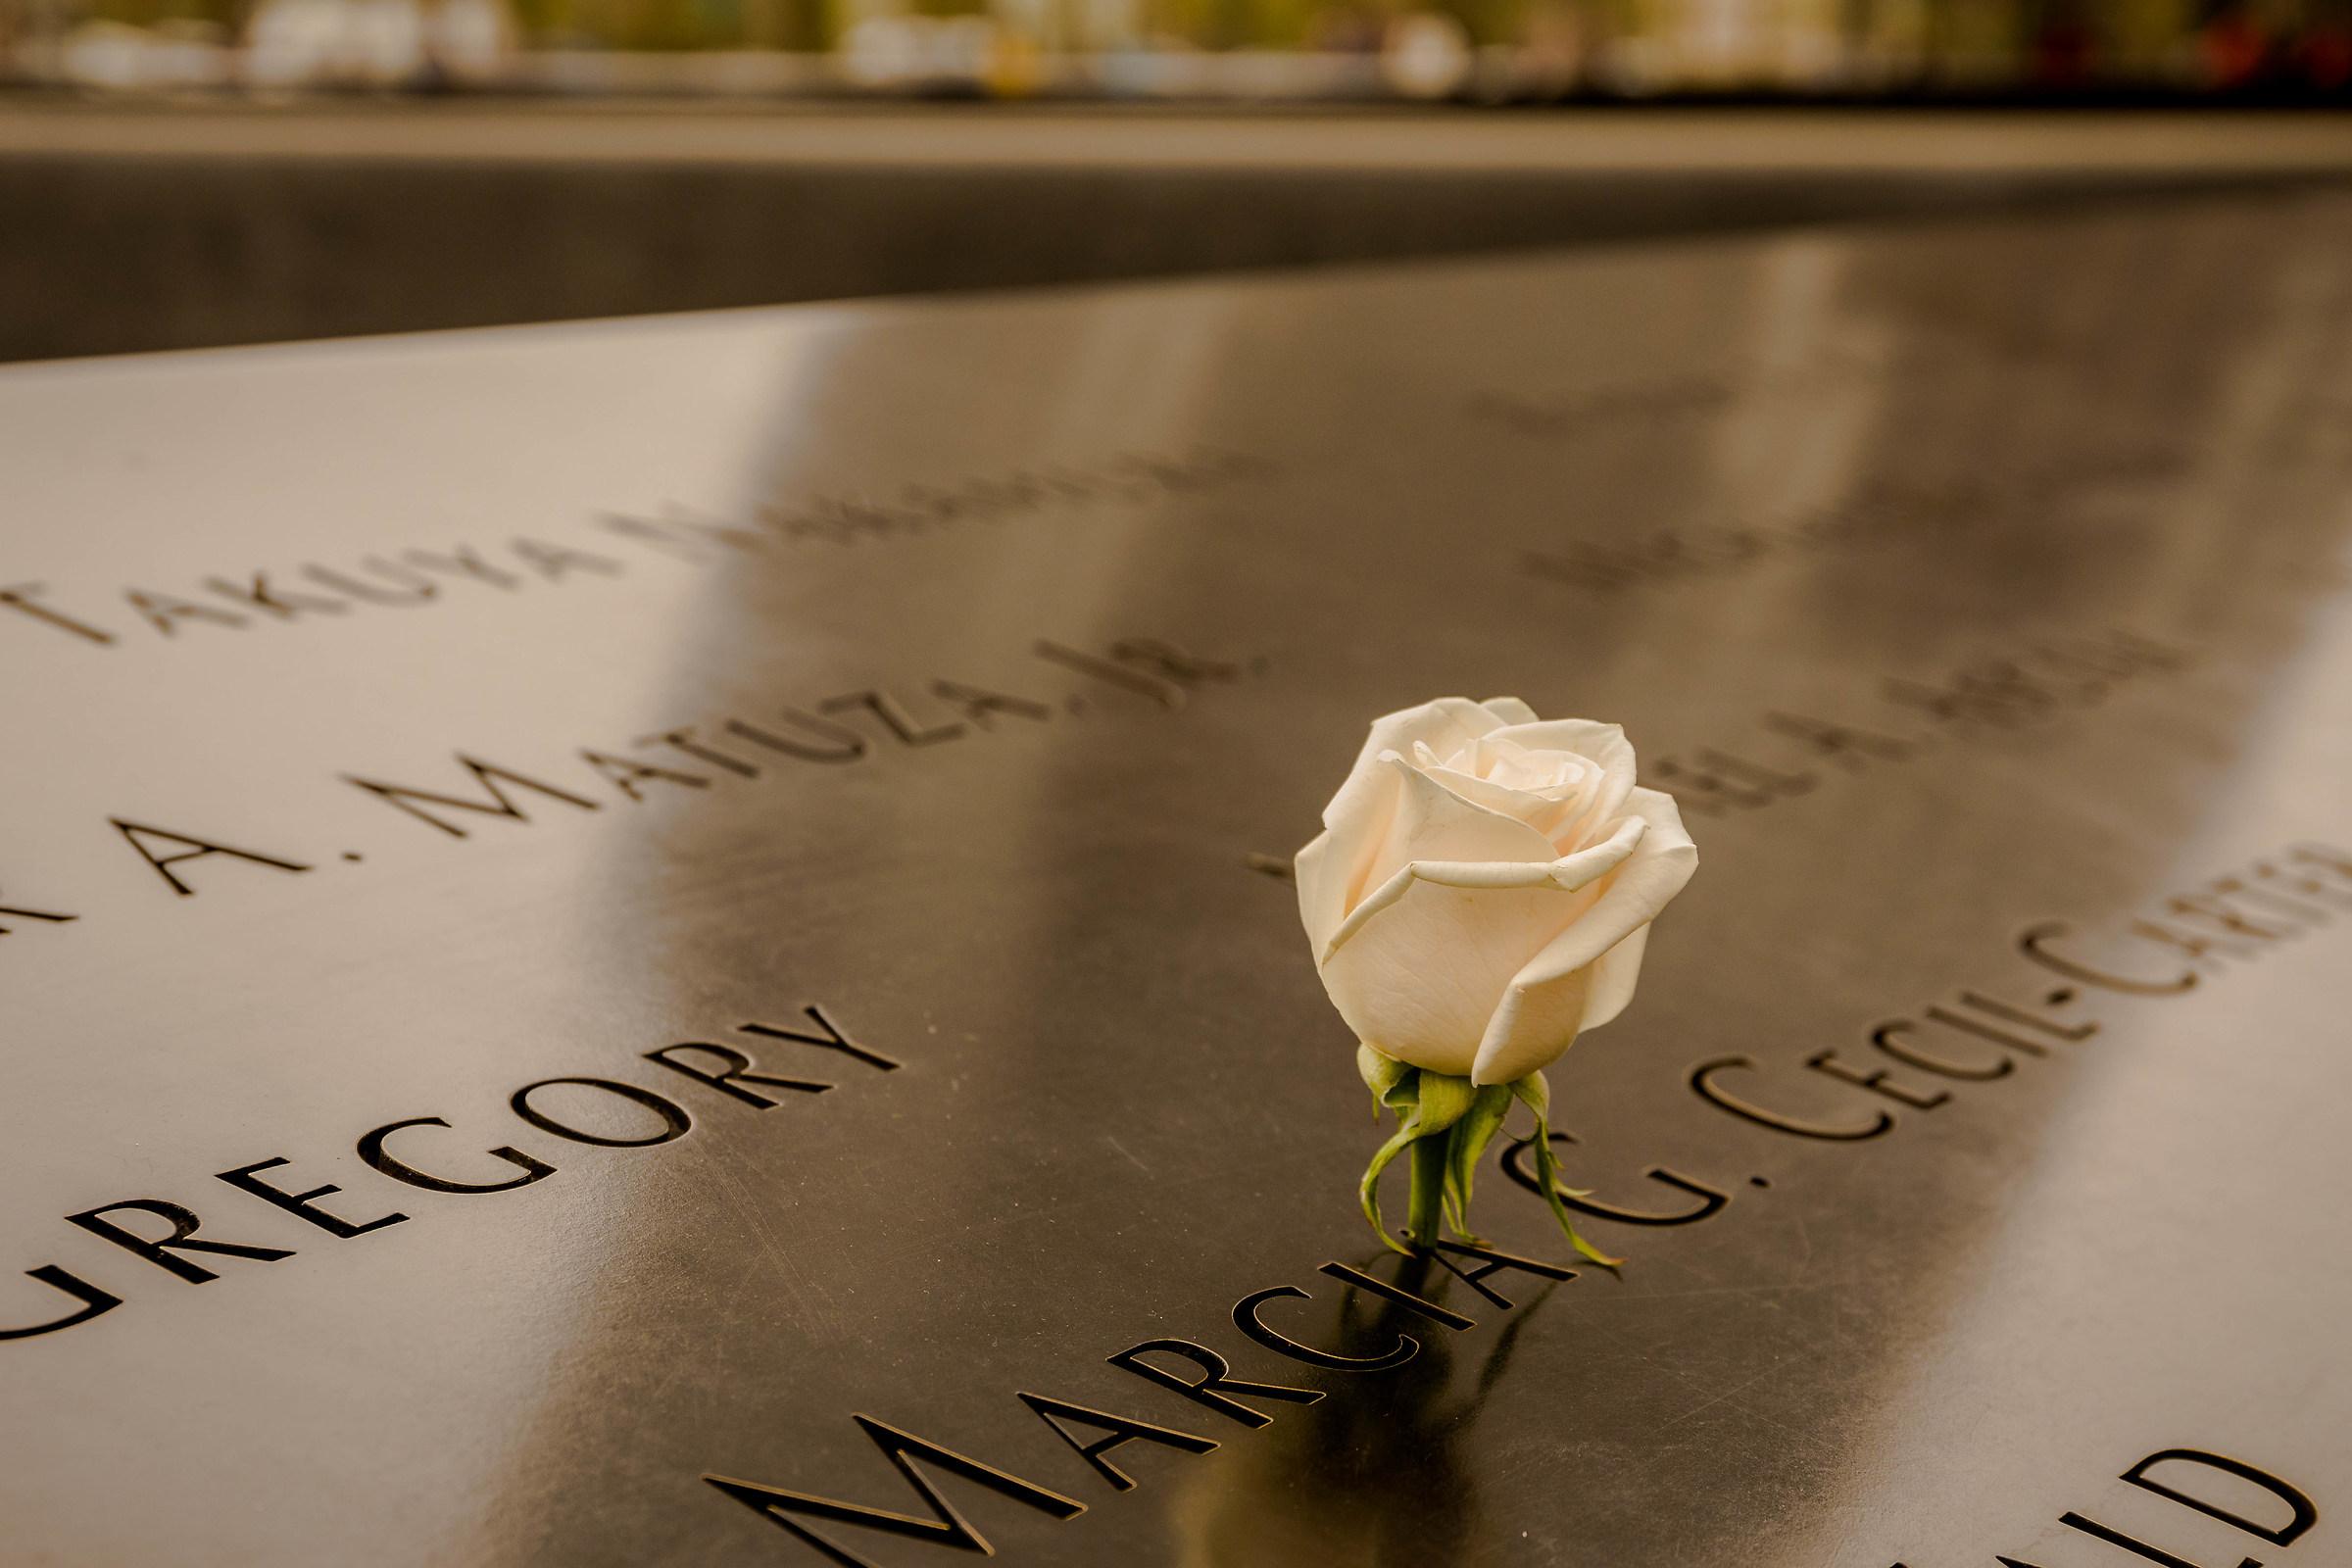 Ground zero, NY...